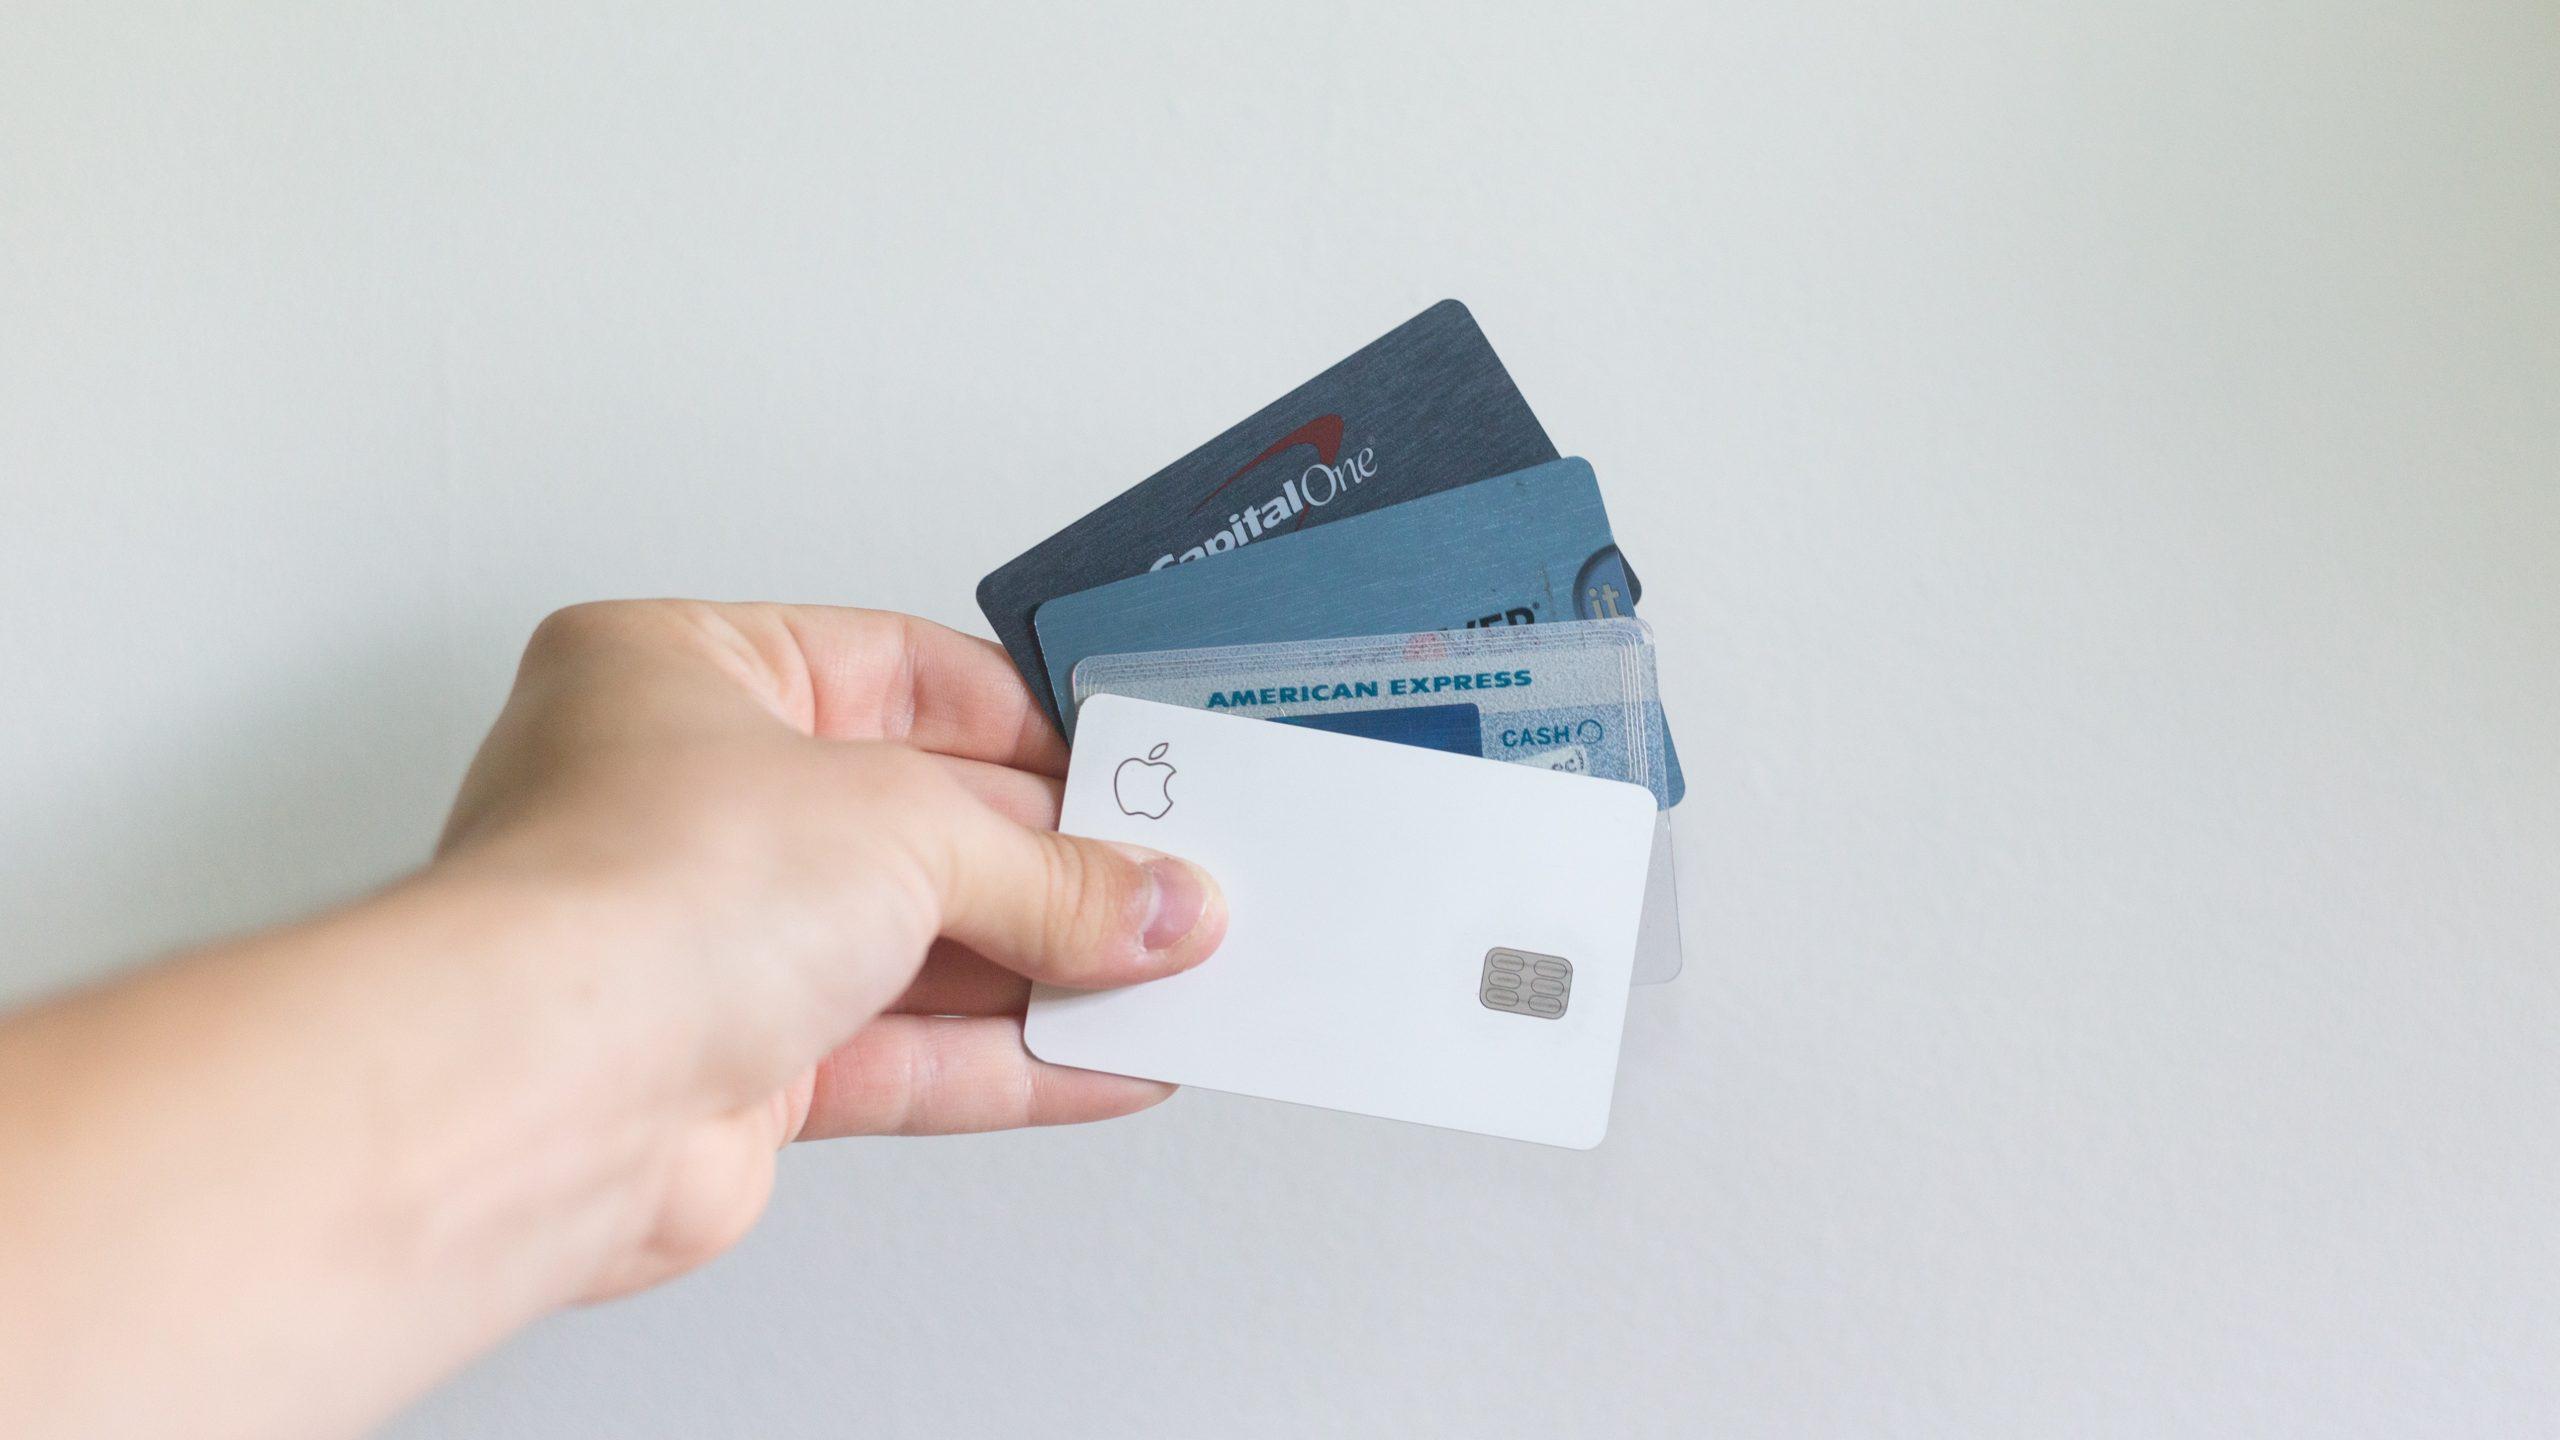 【中国輸入に必要なもの⑤】クレジットカード